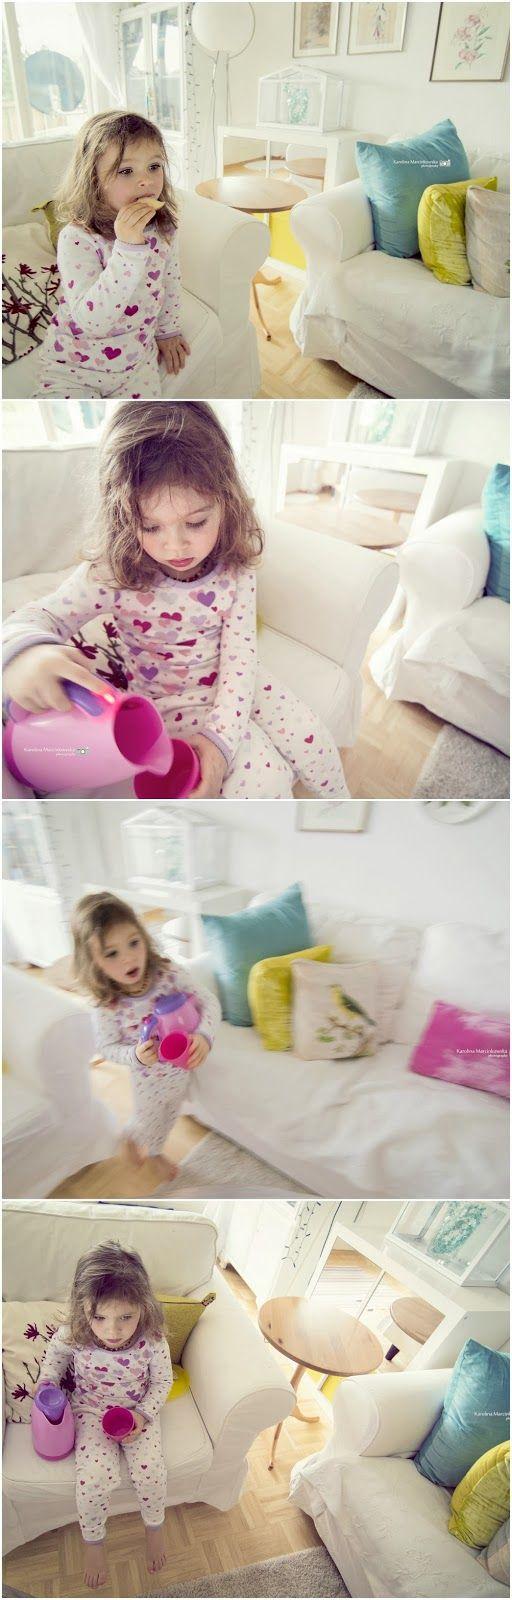 Lazy pyjamas morning - child portrait - sweet!